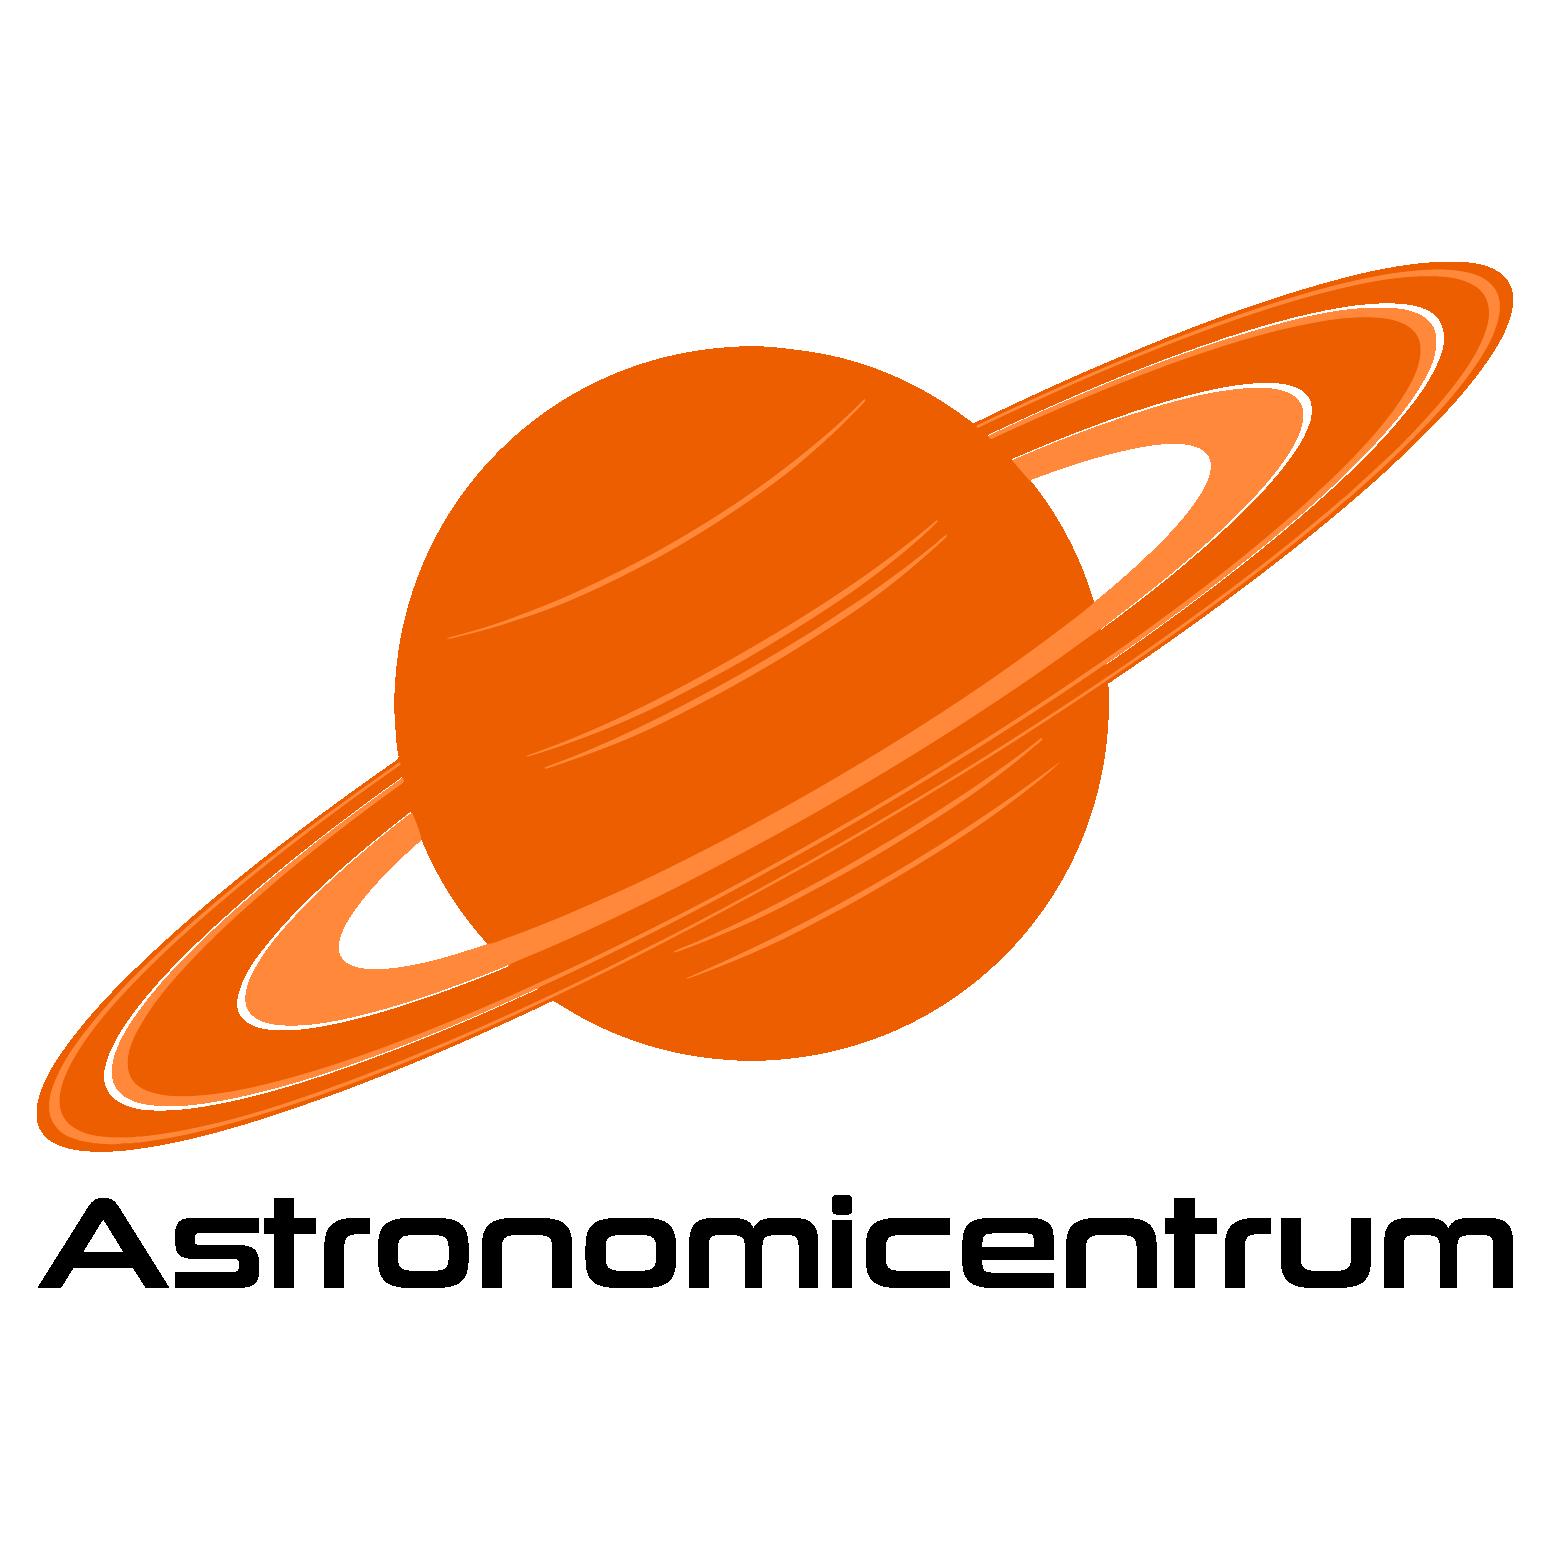 Astronomicentrum